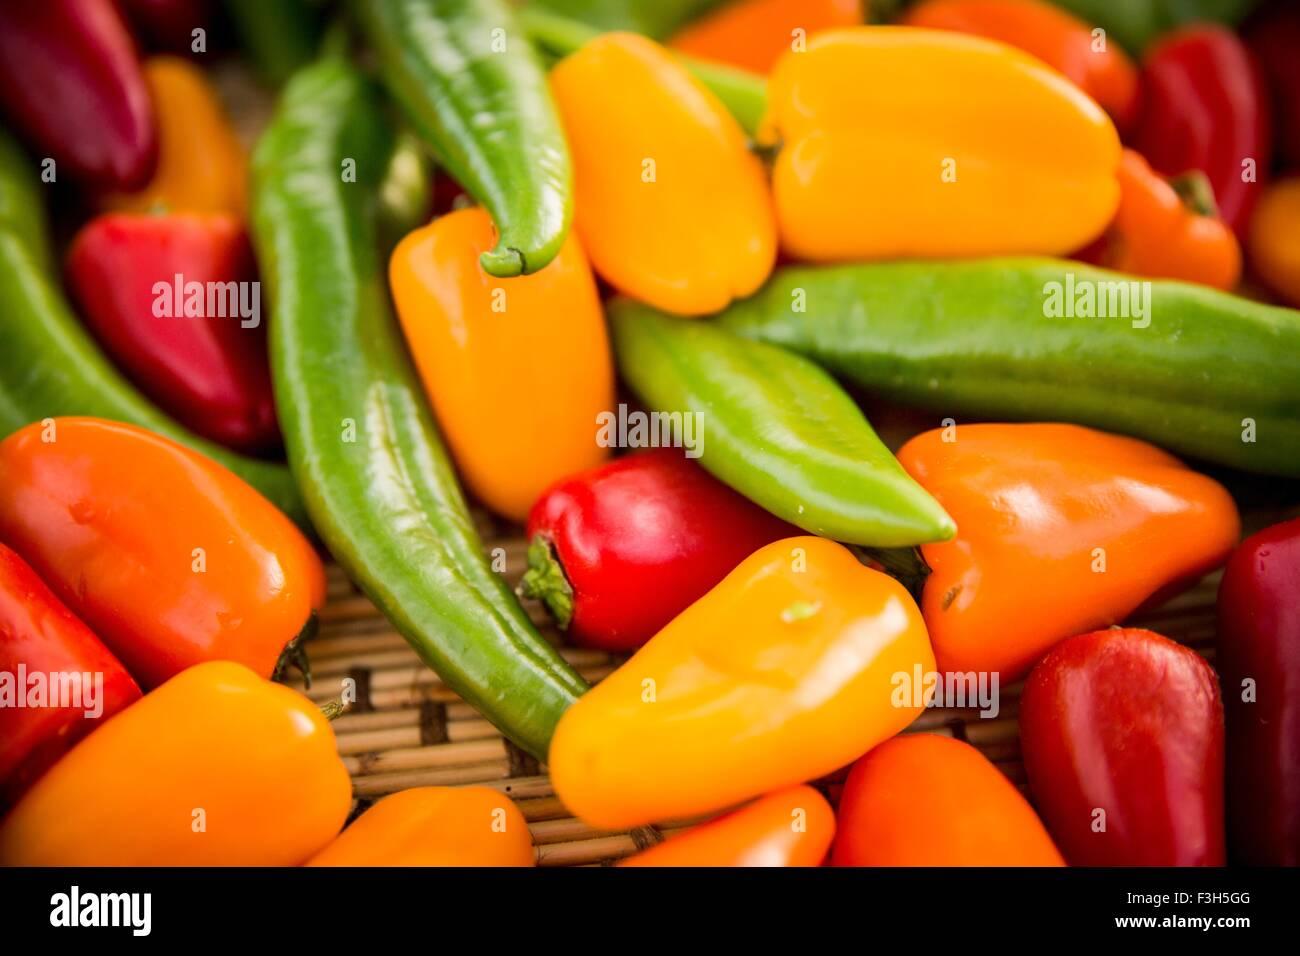 Selezione di peperoni colorati, full frame, close-up Immagini Stock